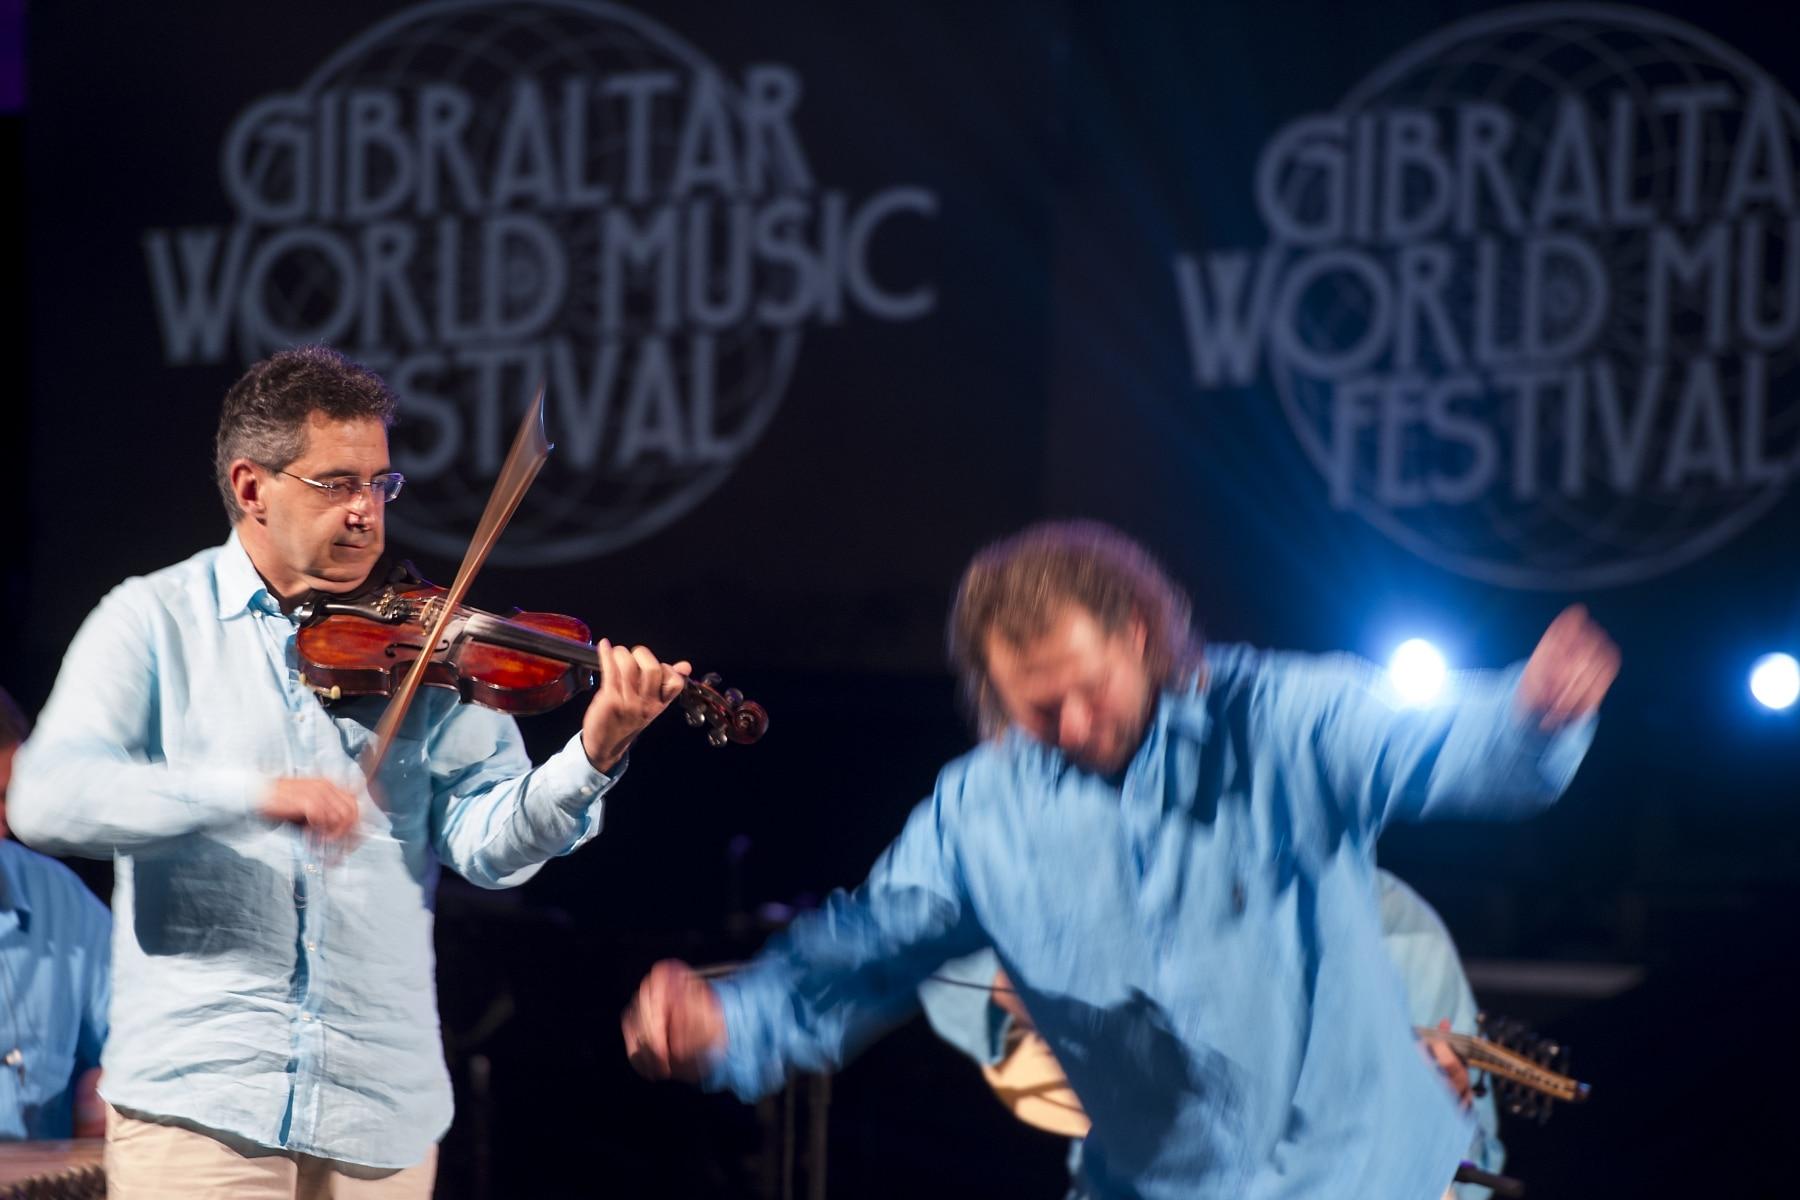 gibraltar-world-music-festival-dia-1-en-chordais-09_9222660131_o